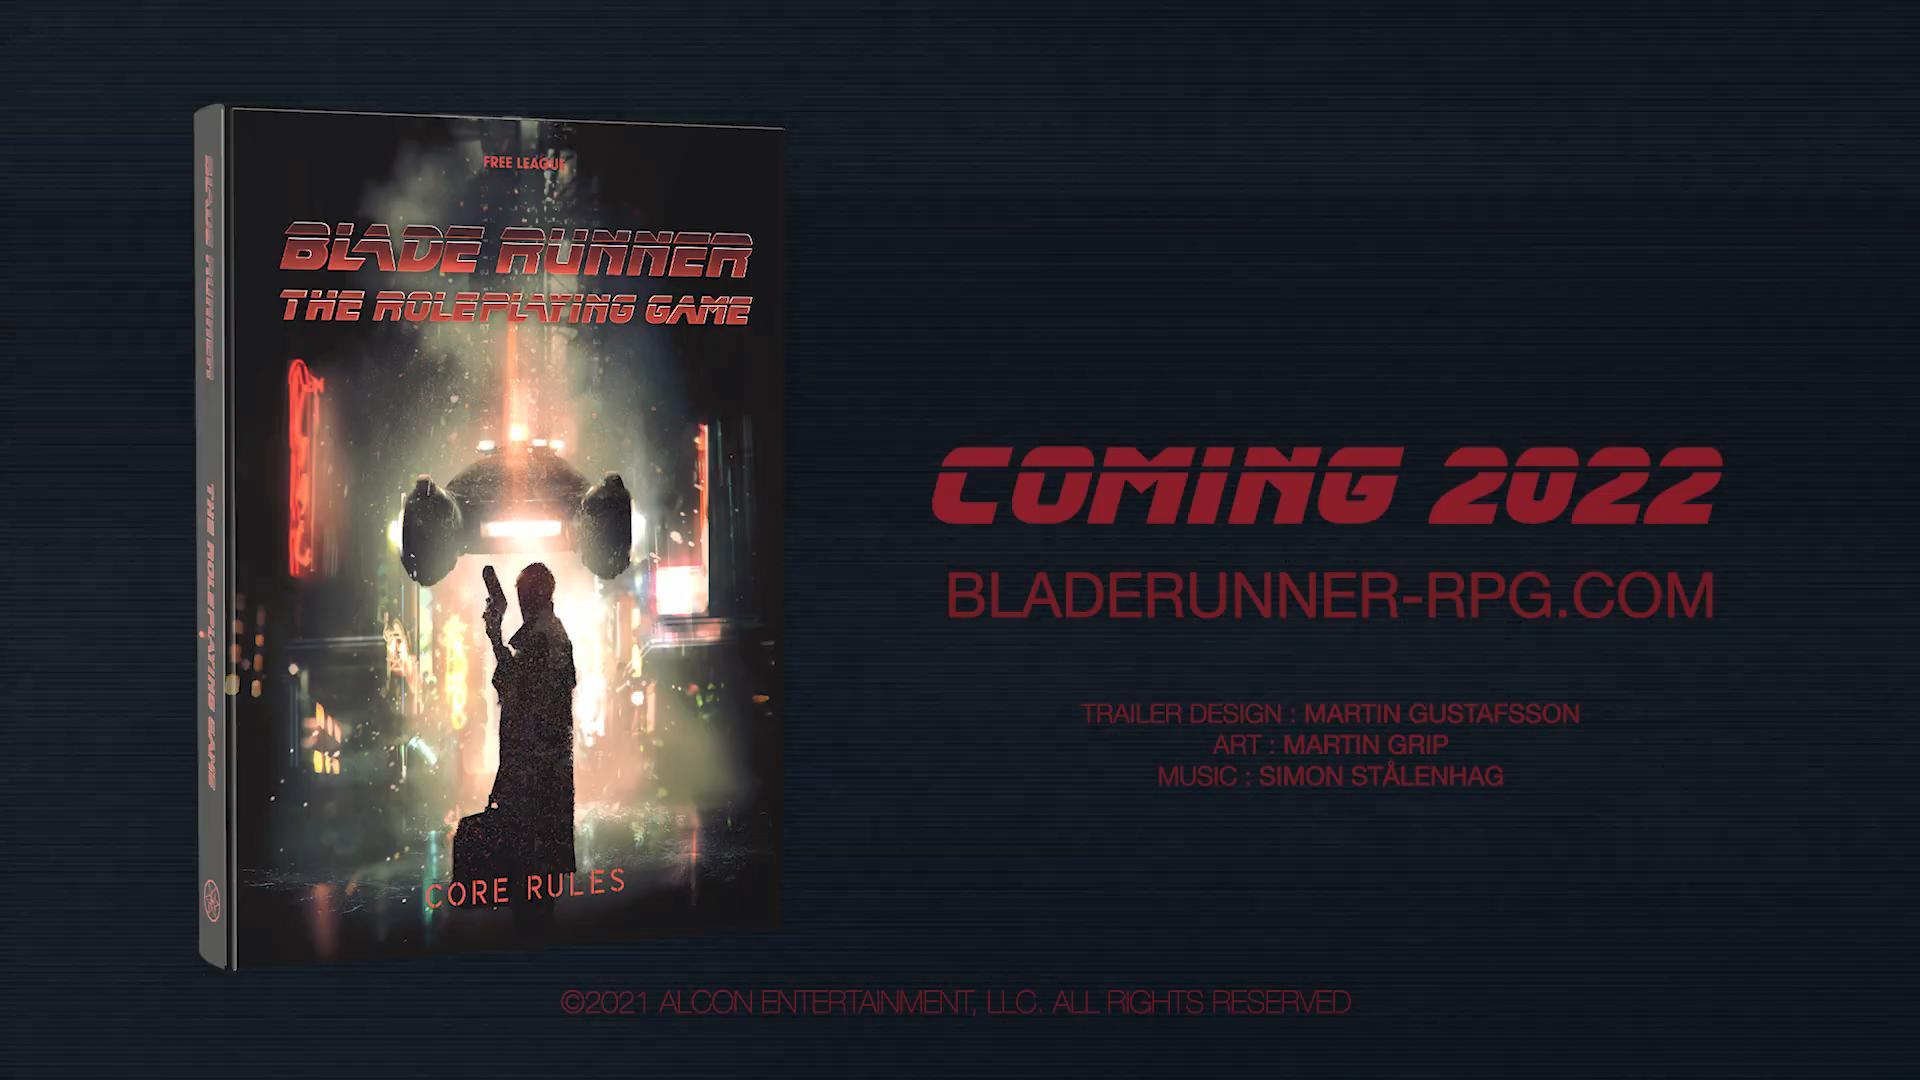 经典电影《银翼杀手》改编桌面RPG公布 后续还将发布一系列IP游戏